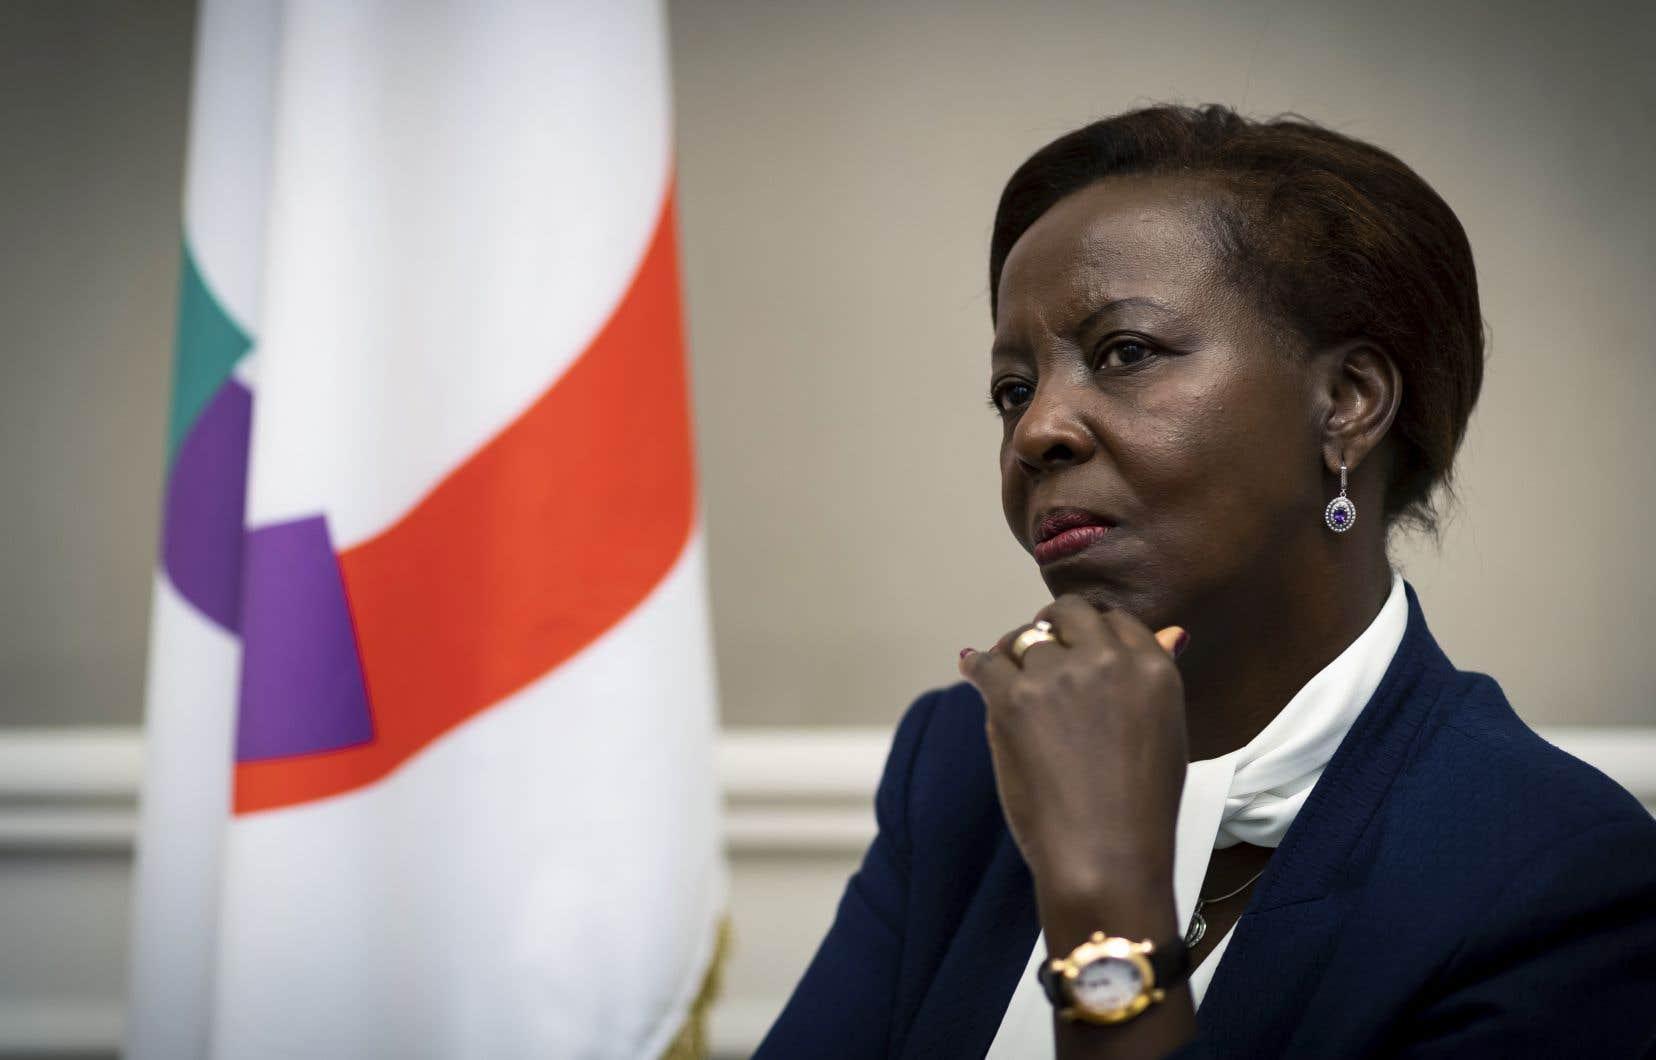 Ministre des Affaires étrangères du Rwanda depuis décembre 2009, elle est une fidèle du président Paul Kagame, souvent dénoncé pour son traitement des droits de la personne.